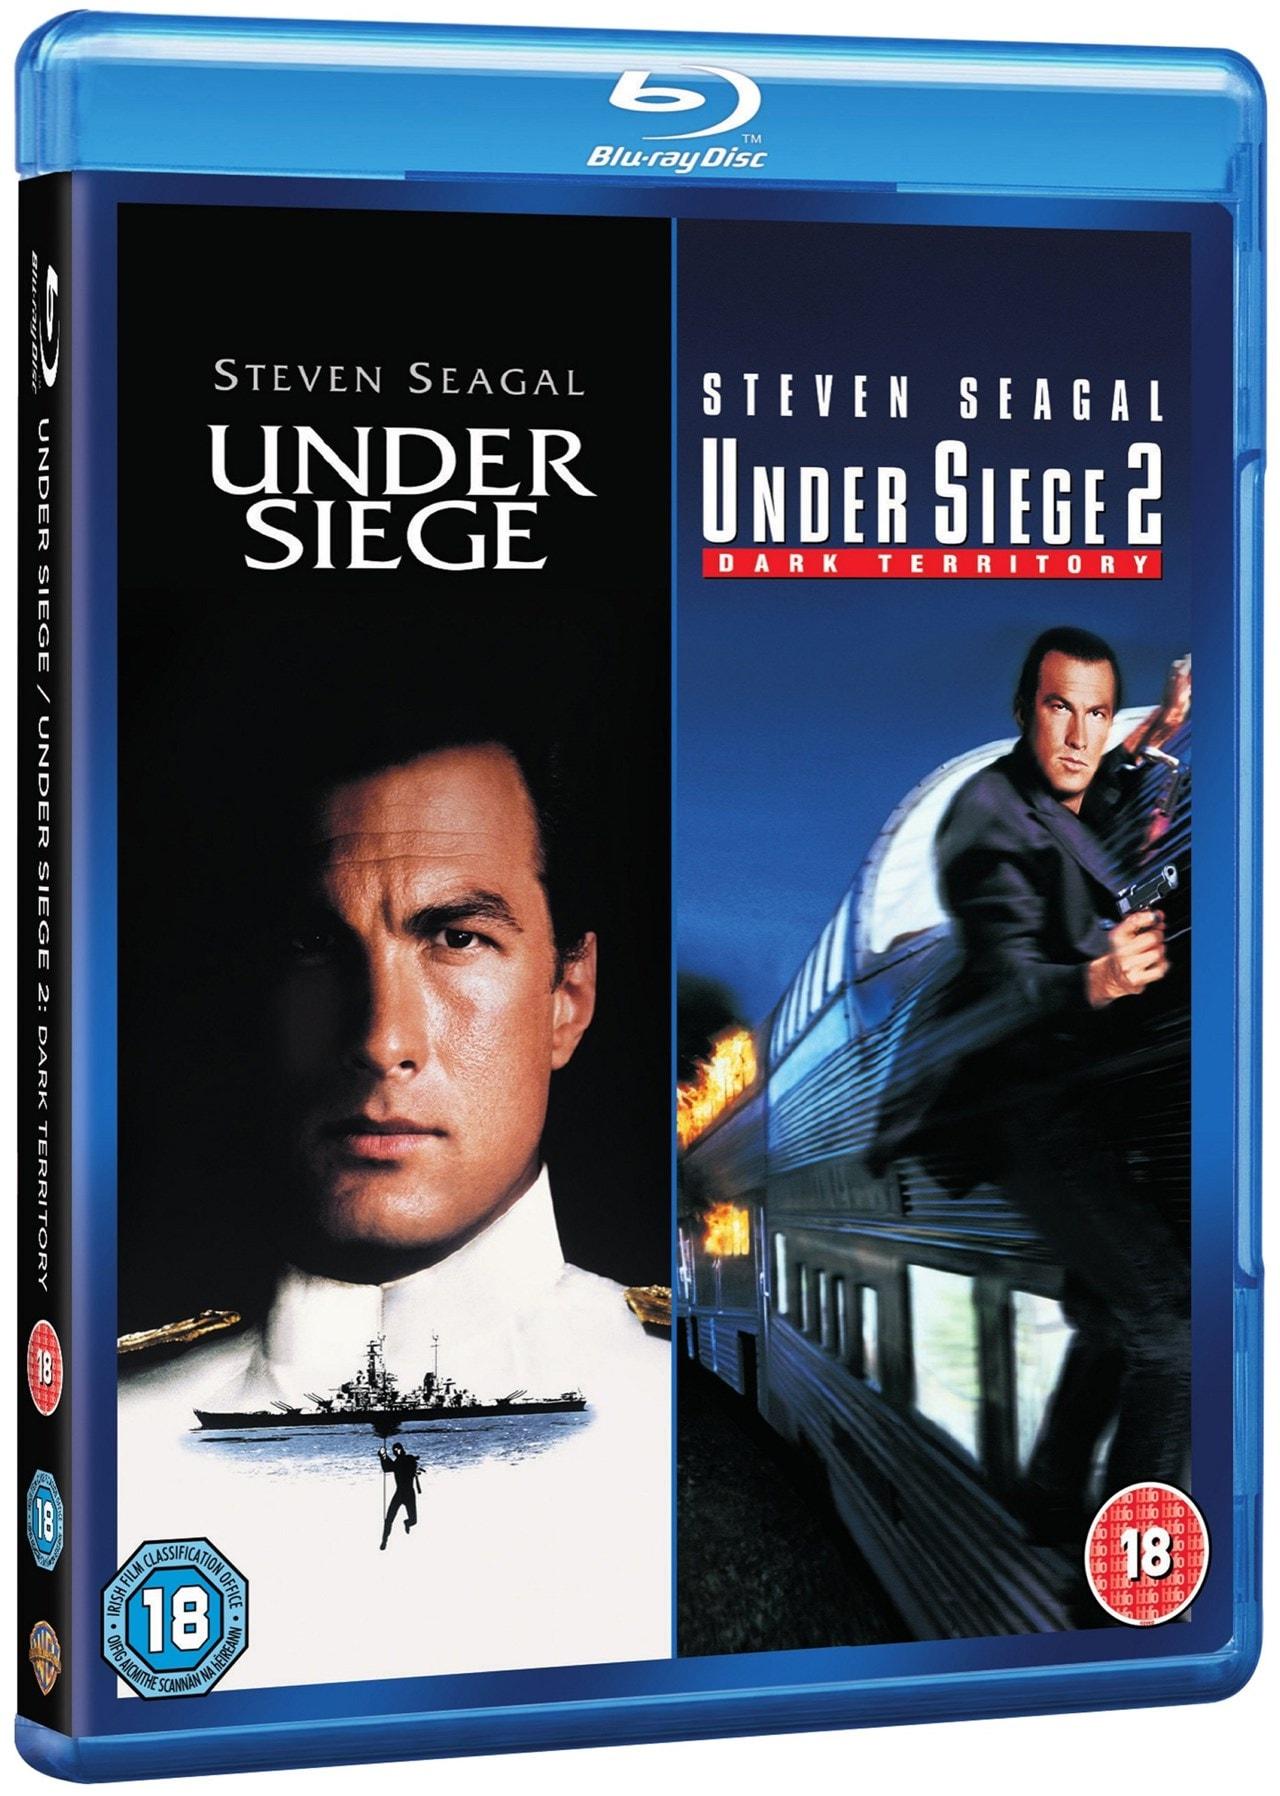 Under Siege/Under Siege 2 - Dark Territory - 2